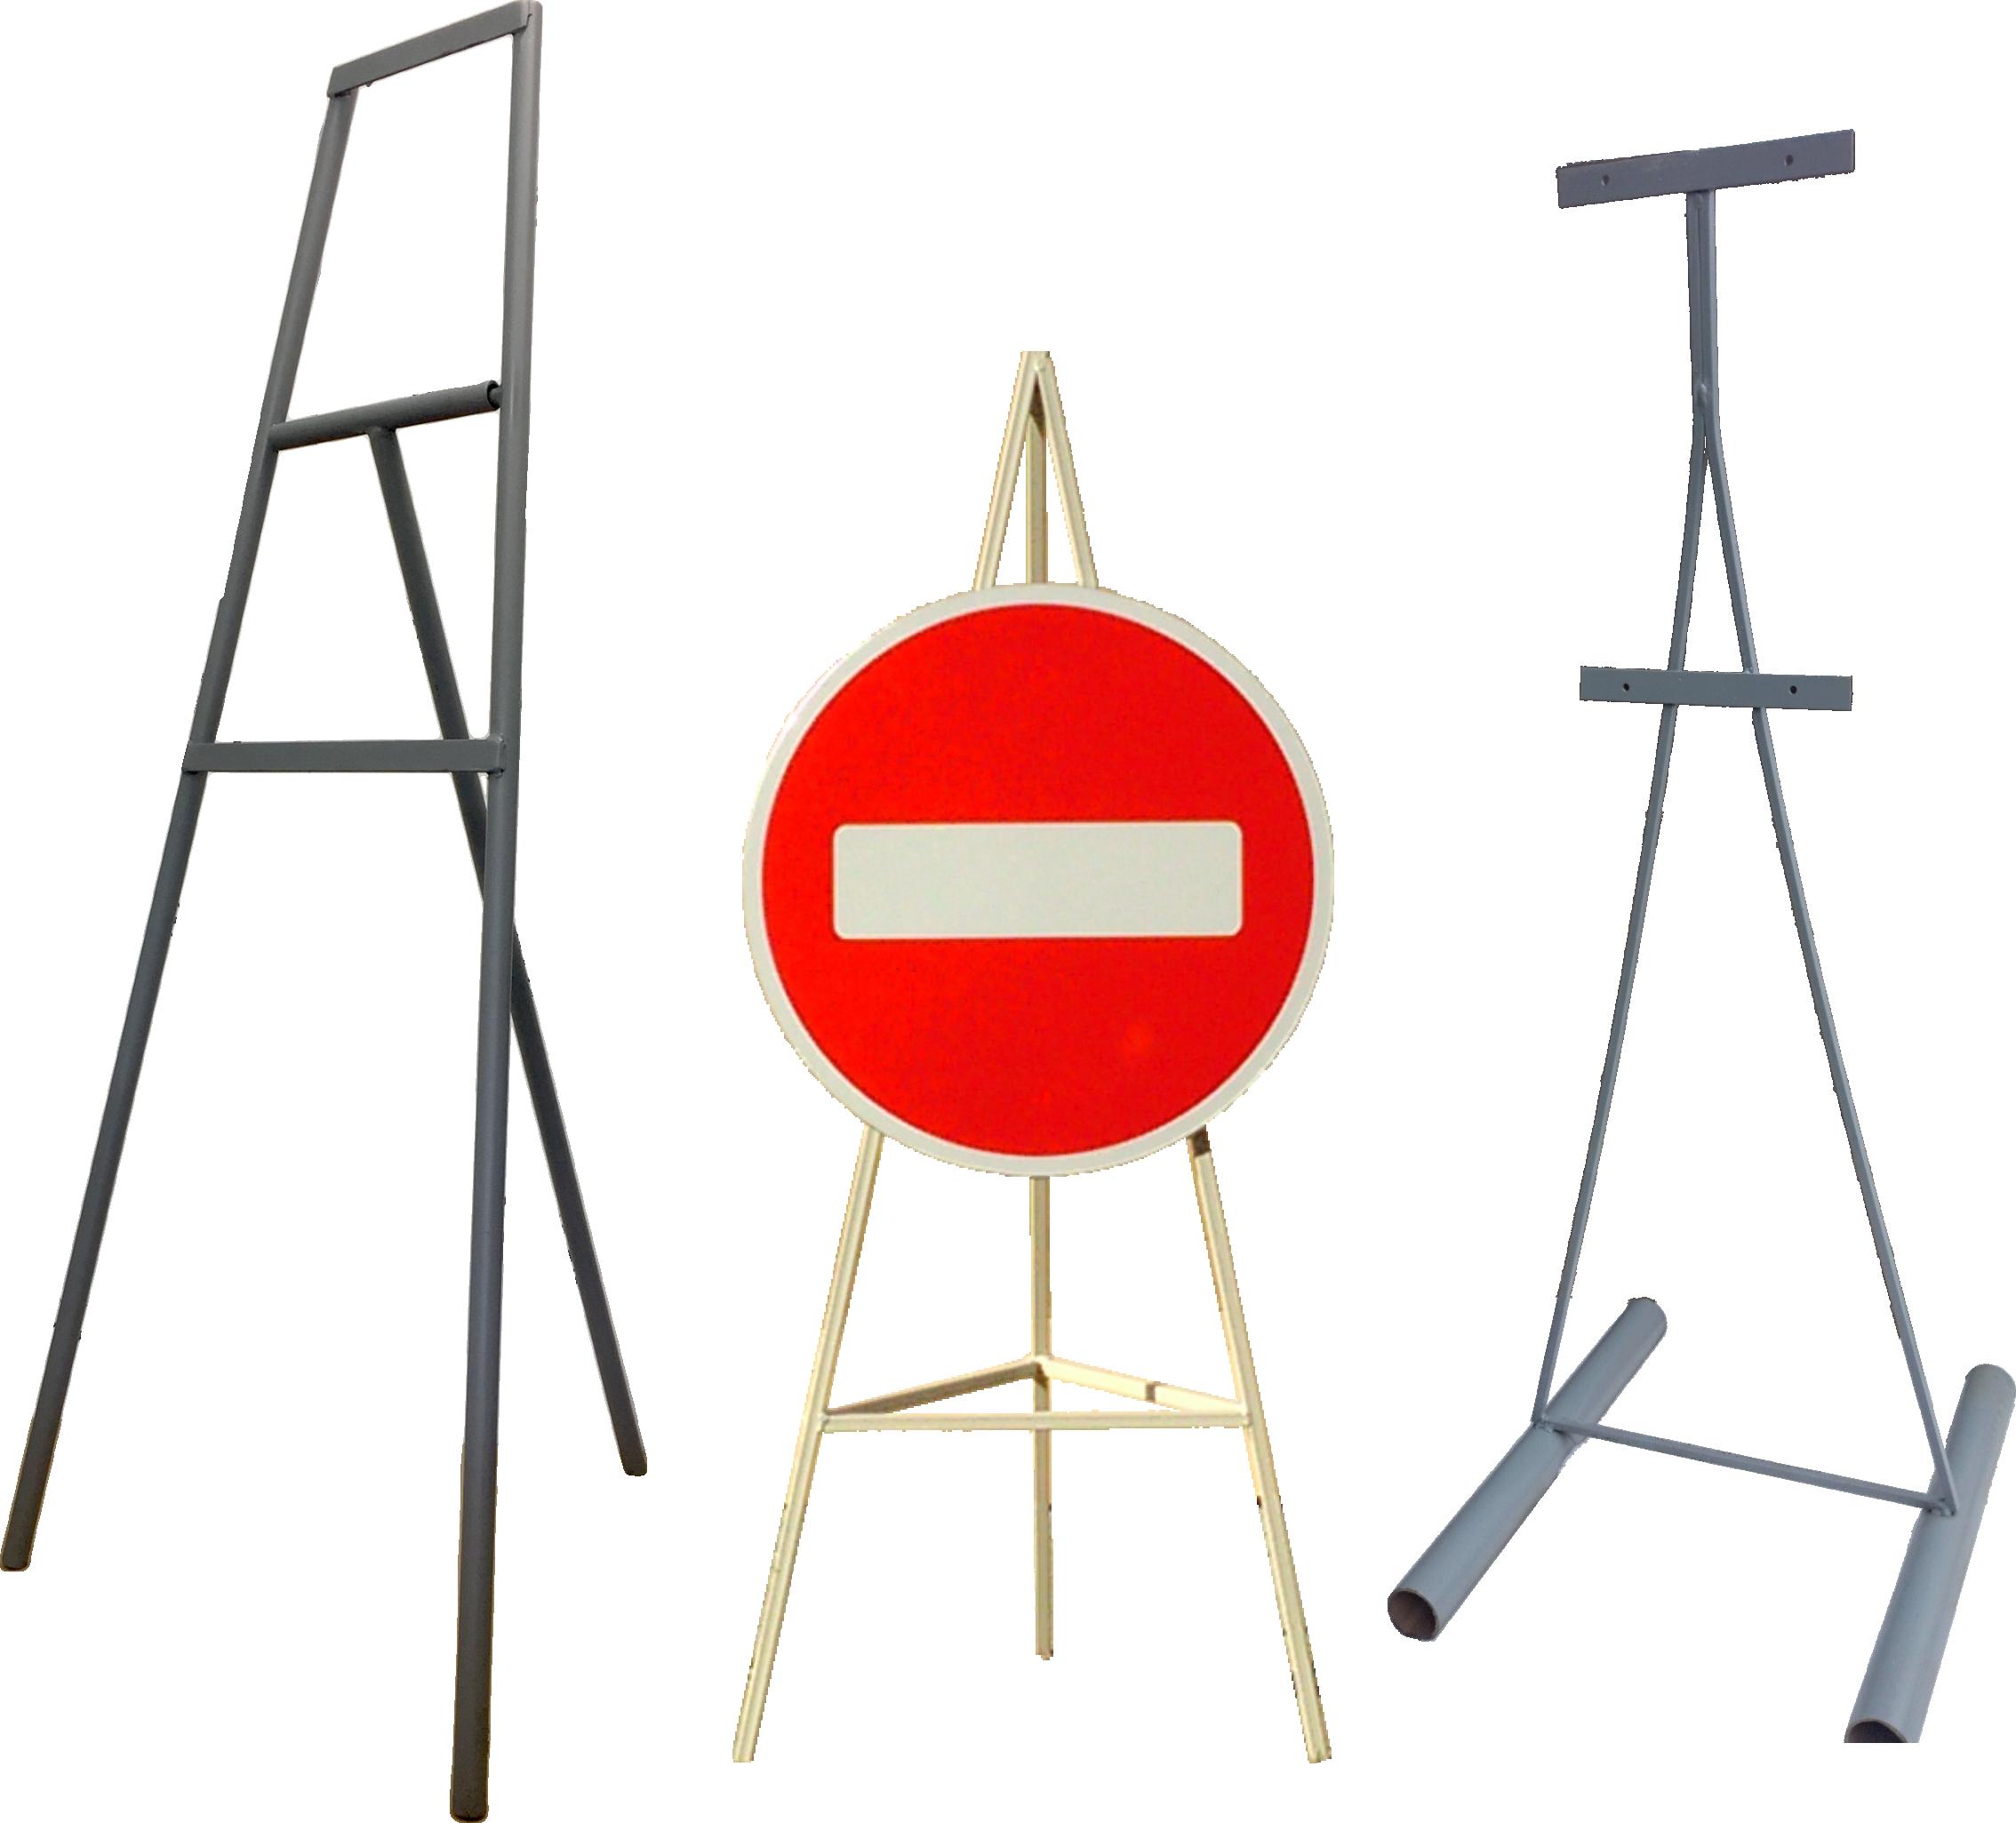 Временные стойки и опоры для установки дорожных знаков